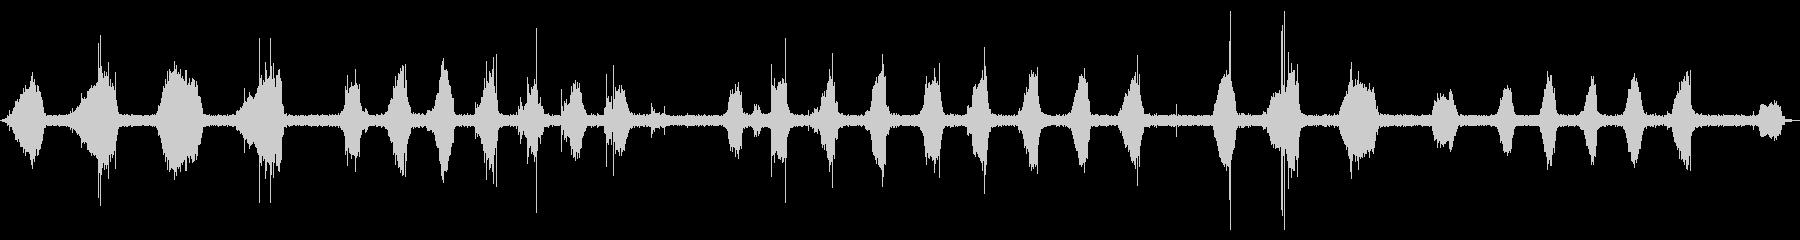 【サッサッ…】ホウキで石床を掃く音_01の未再生の波形